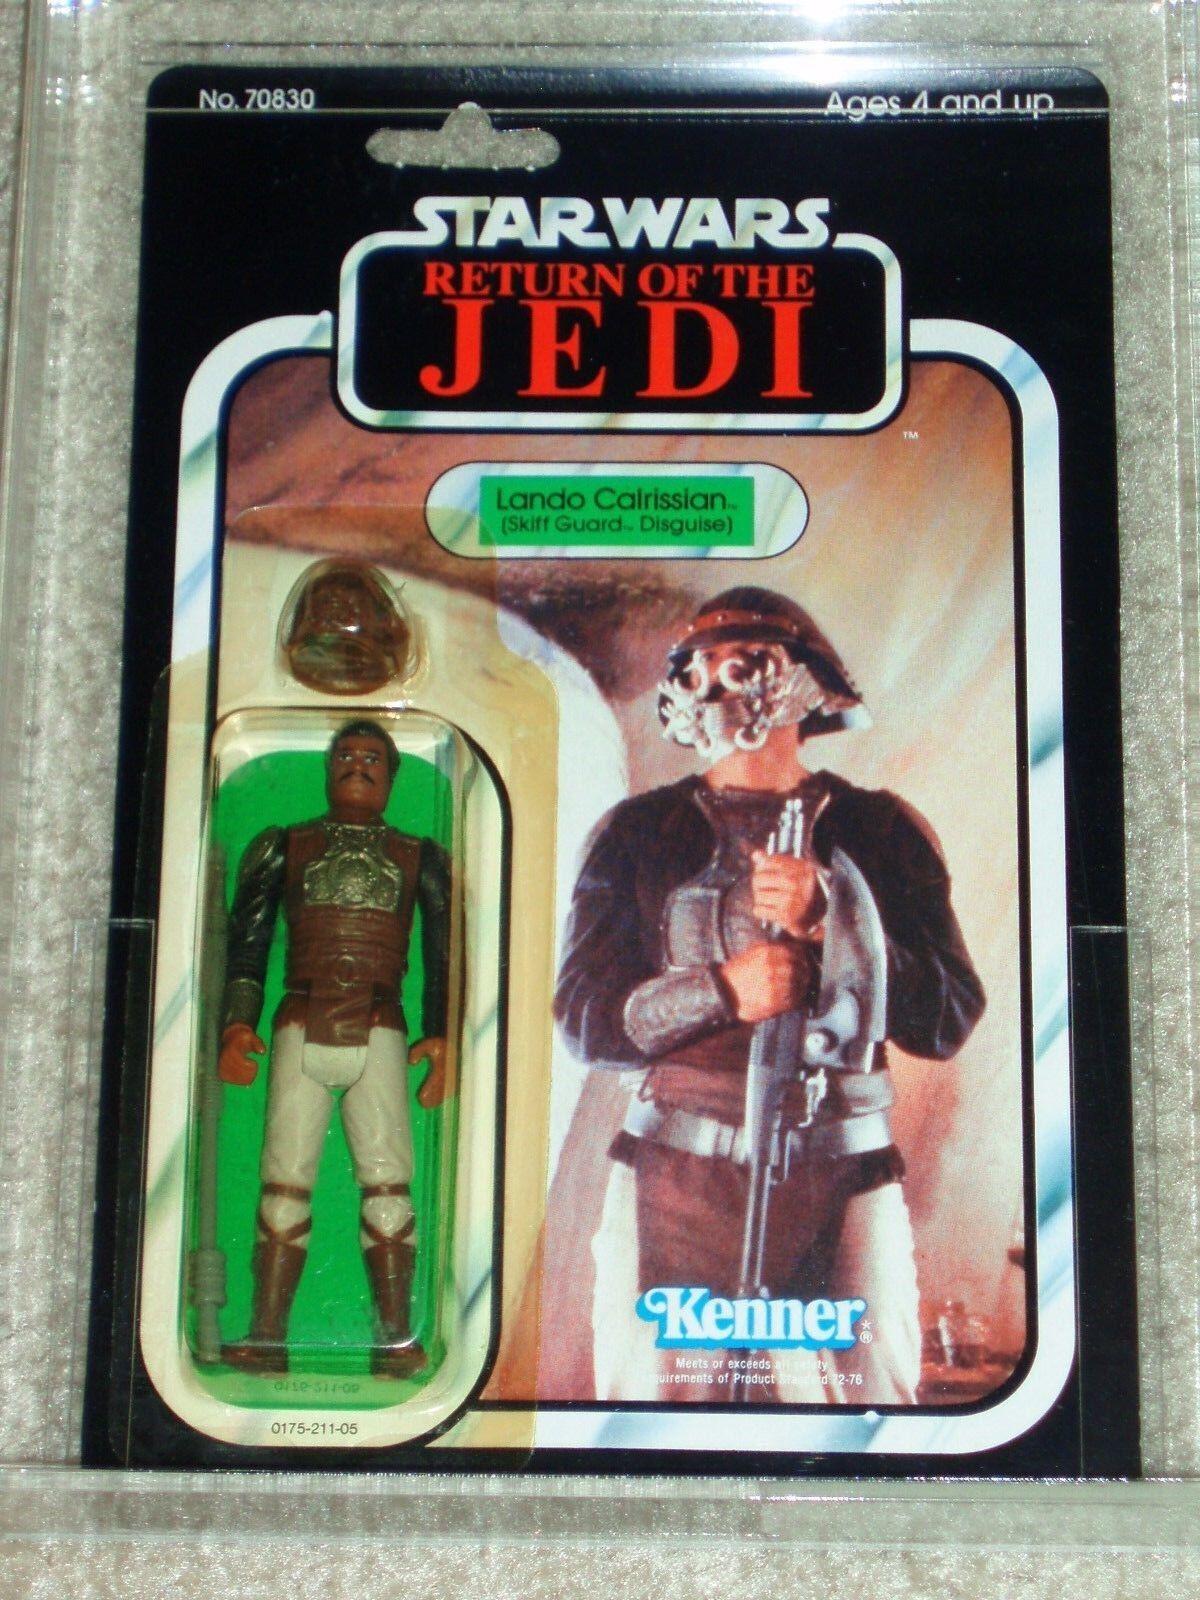 De colección Guerra de las galaxias 1983 Figura de Acción 85 85 85 Lando Calrissian Skiff Guardia autoridad Regreso del Jedi atrás menta en tarjeta